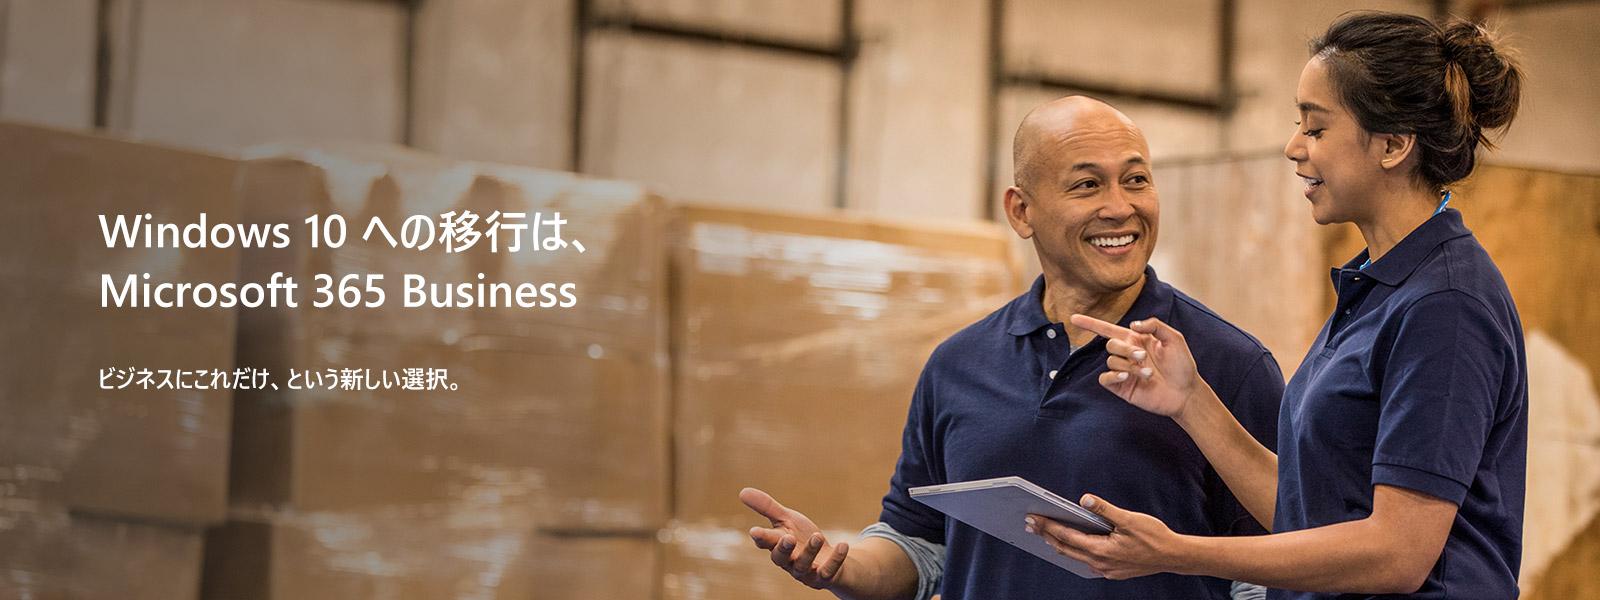 Windows 10 への移行は、Microsoft 365 Business ビジネスにこれだけ、という新しい選択。